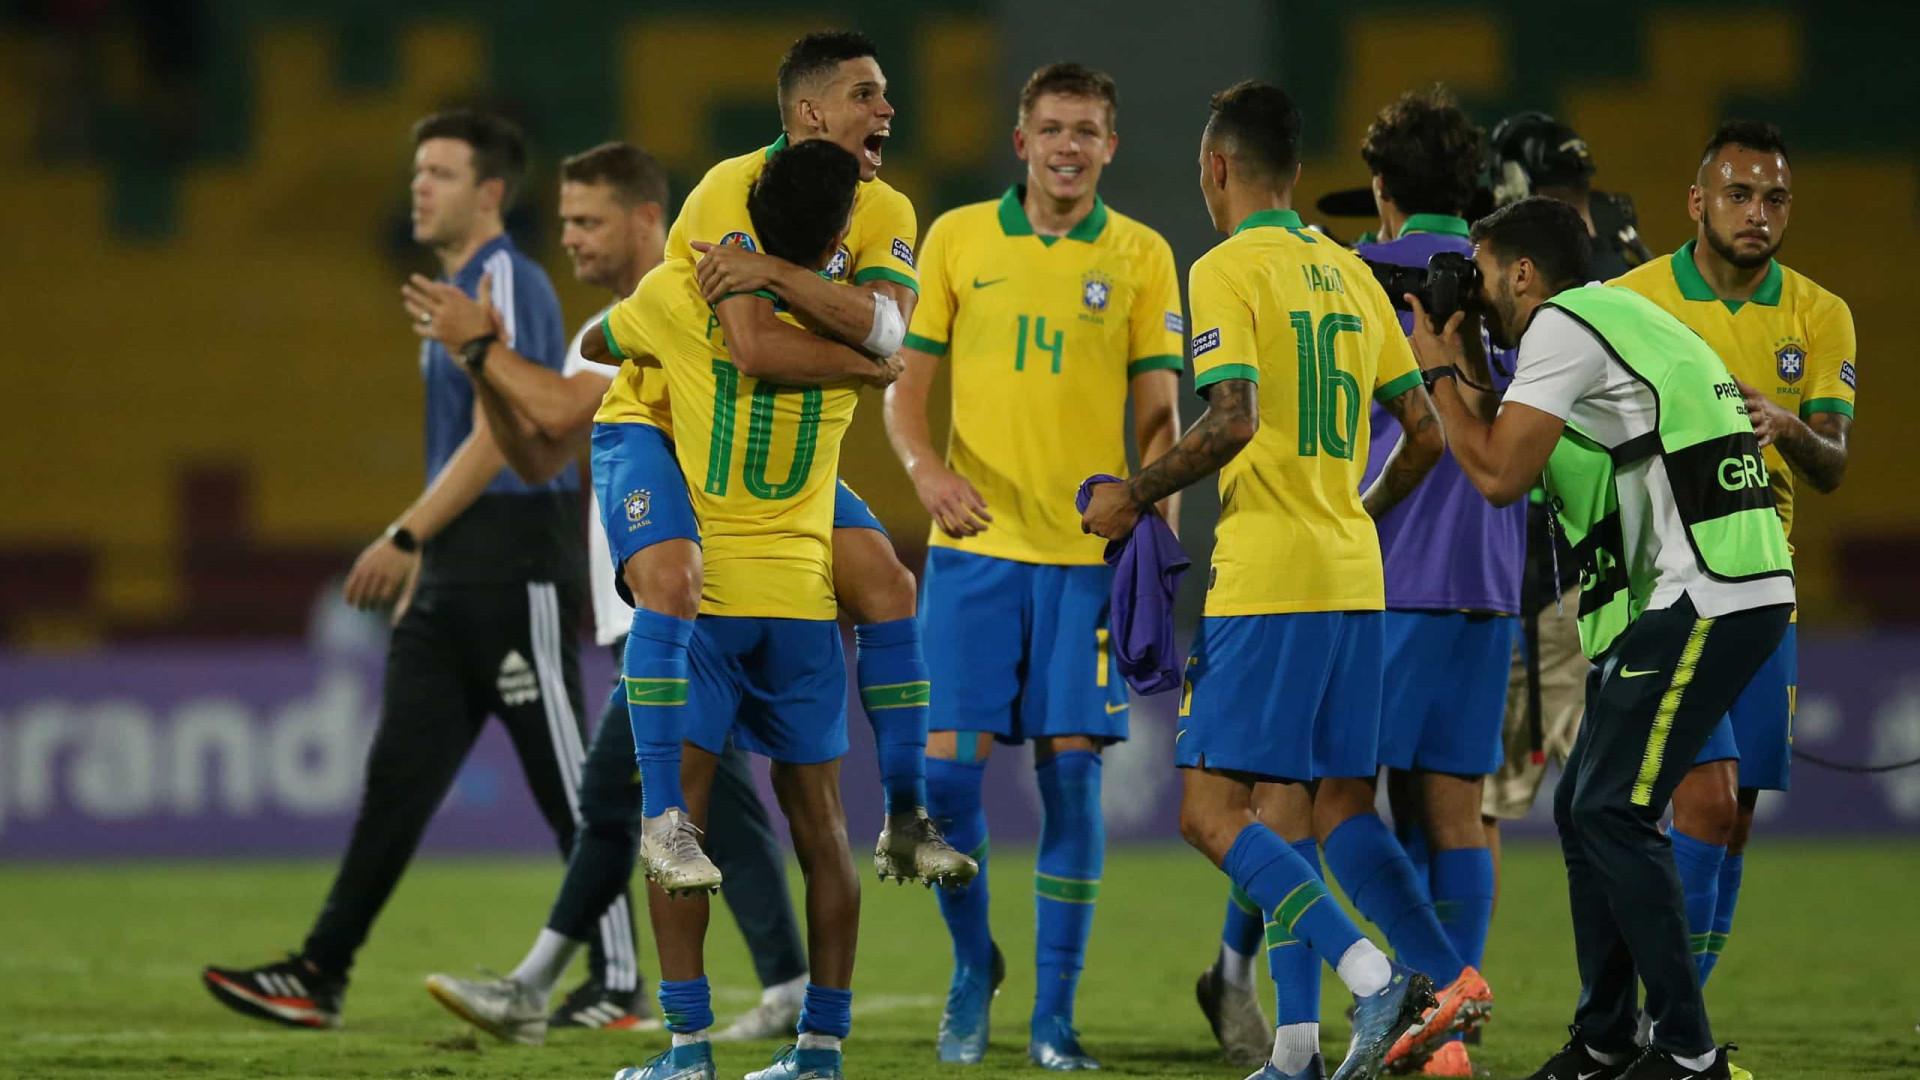 Seleção brasileira domina Argentina e se classifica para a Olimpíada